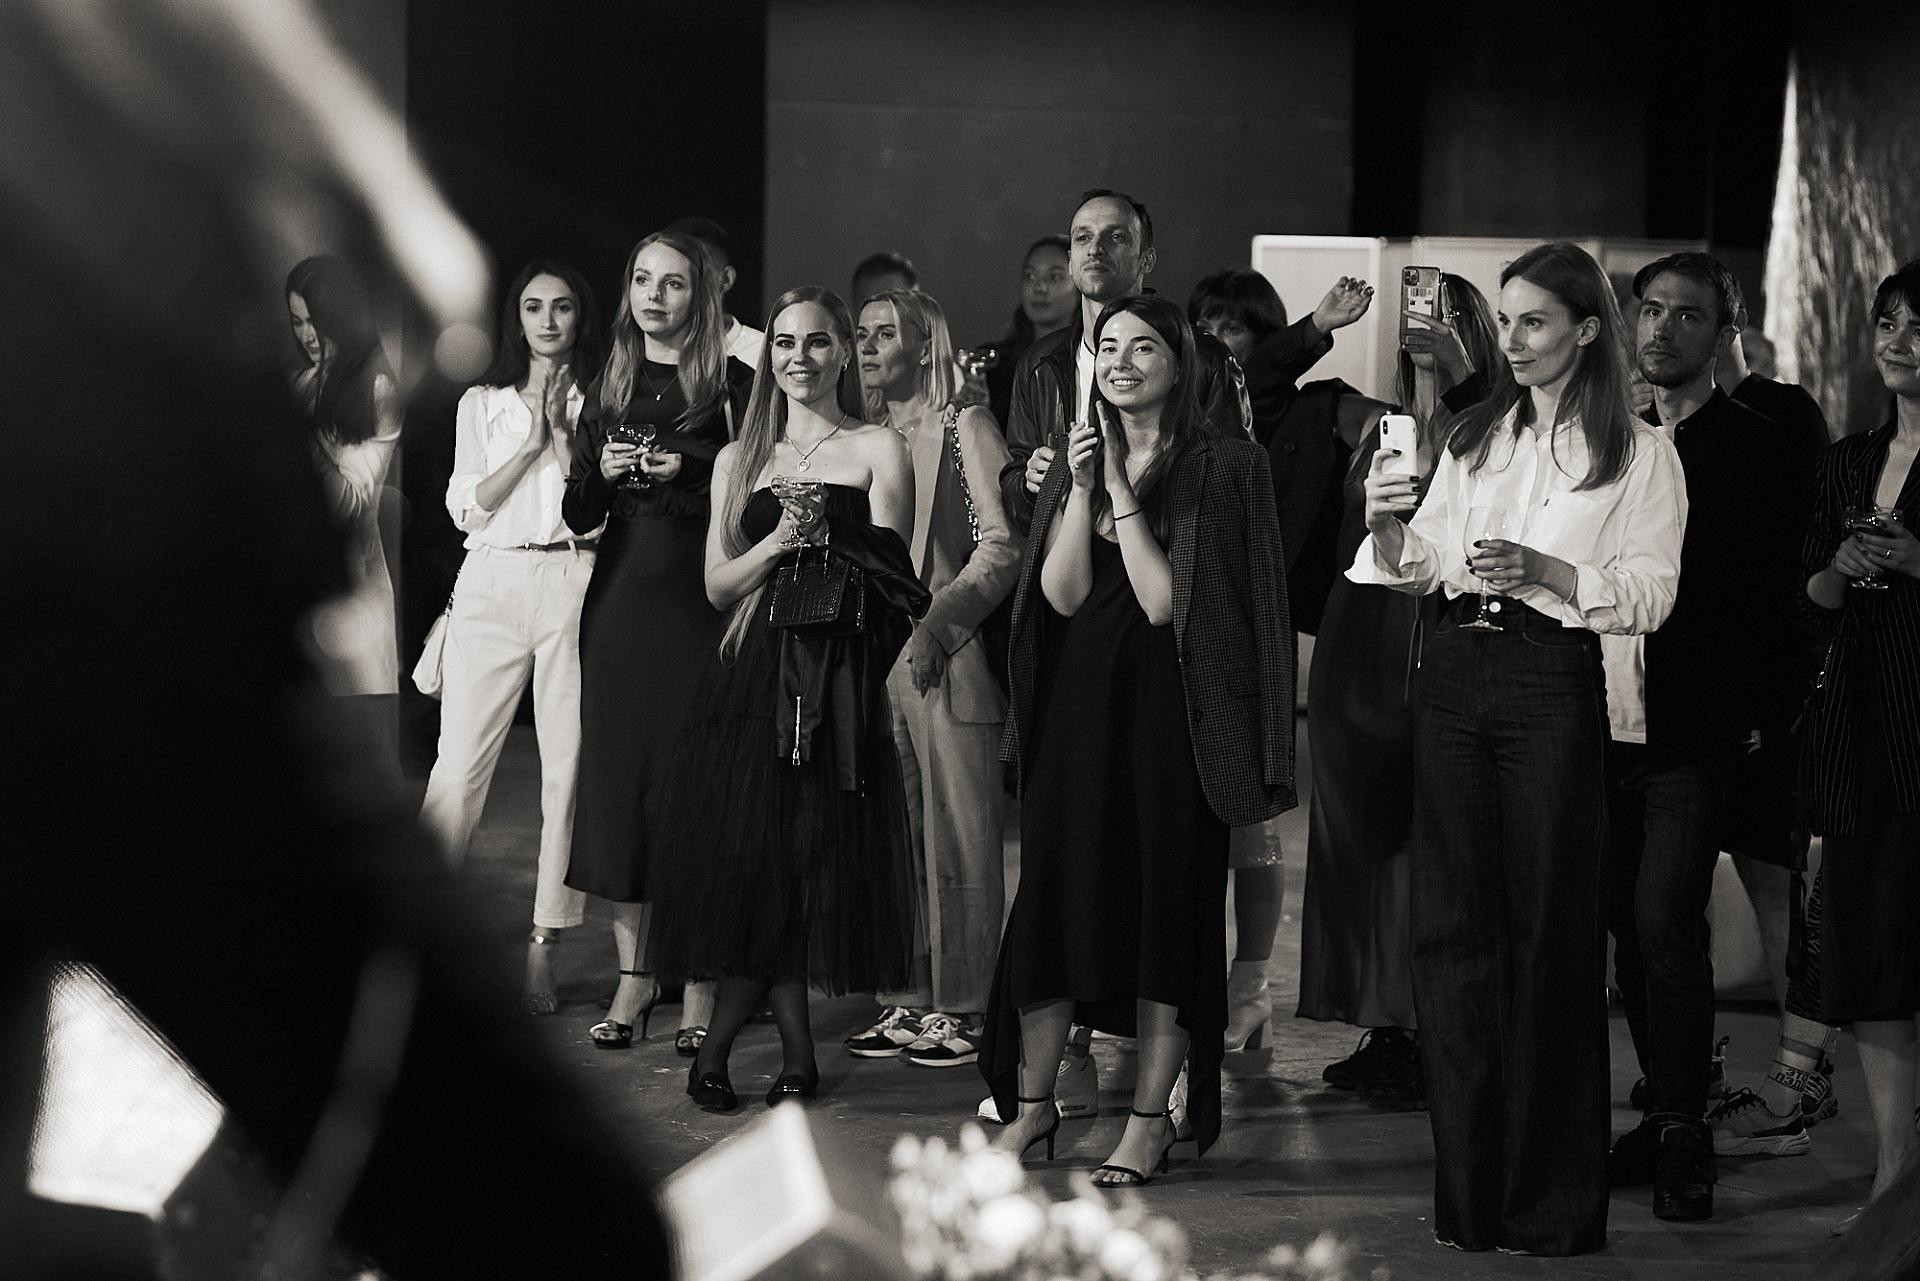 Музыкант Жанна27 провела закрытую презентацию дебютного альбома-Фото 3